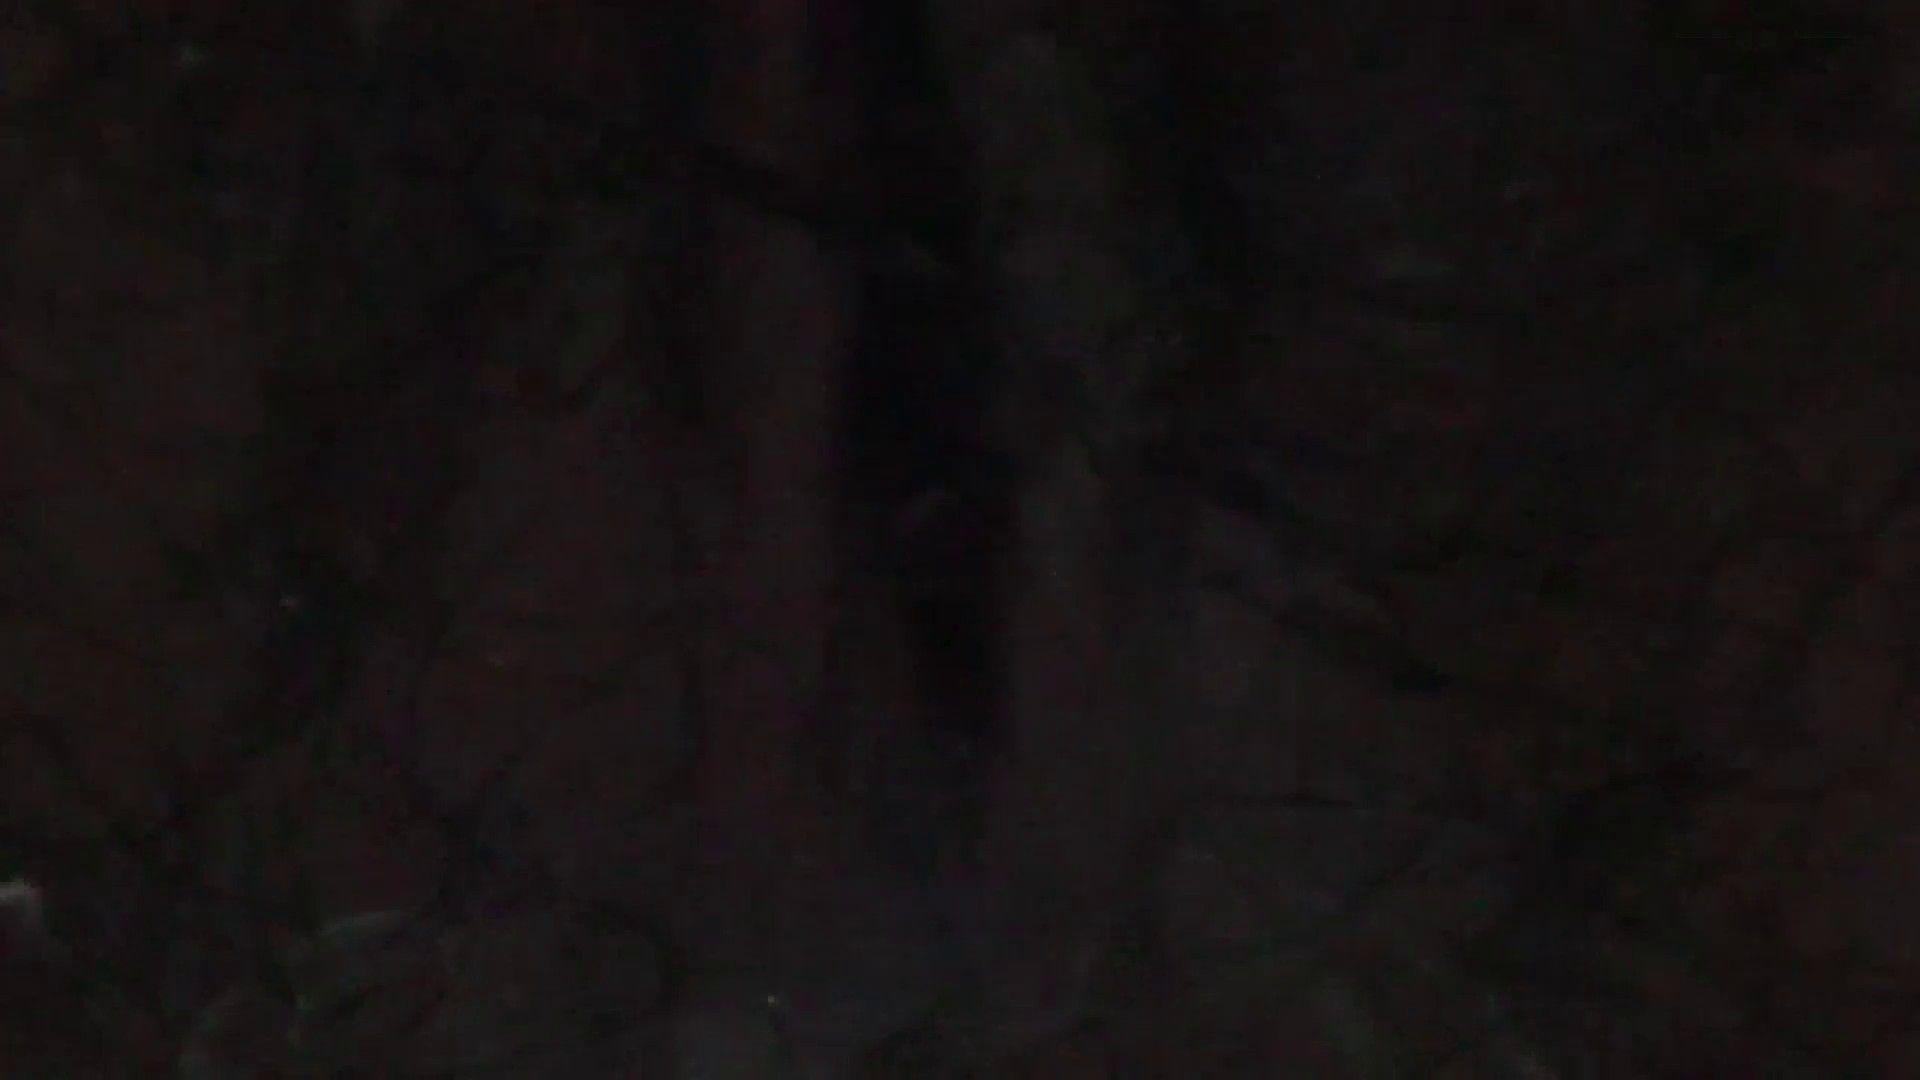 JD盗撮 美女の洗面所の秘密 Vol.58 トイレ | 美女H映像  105画像 91